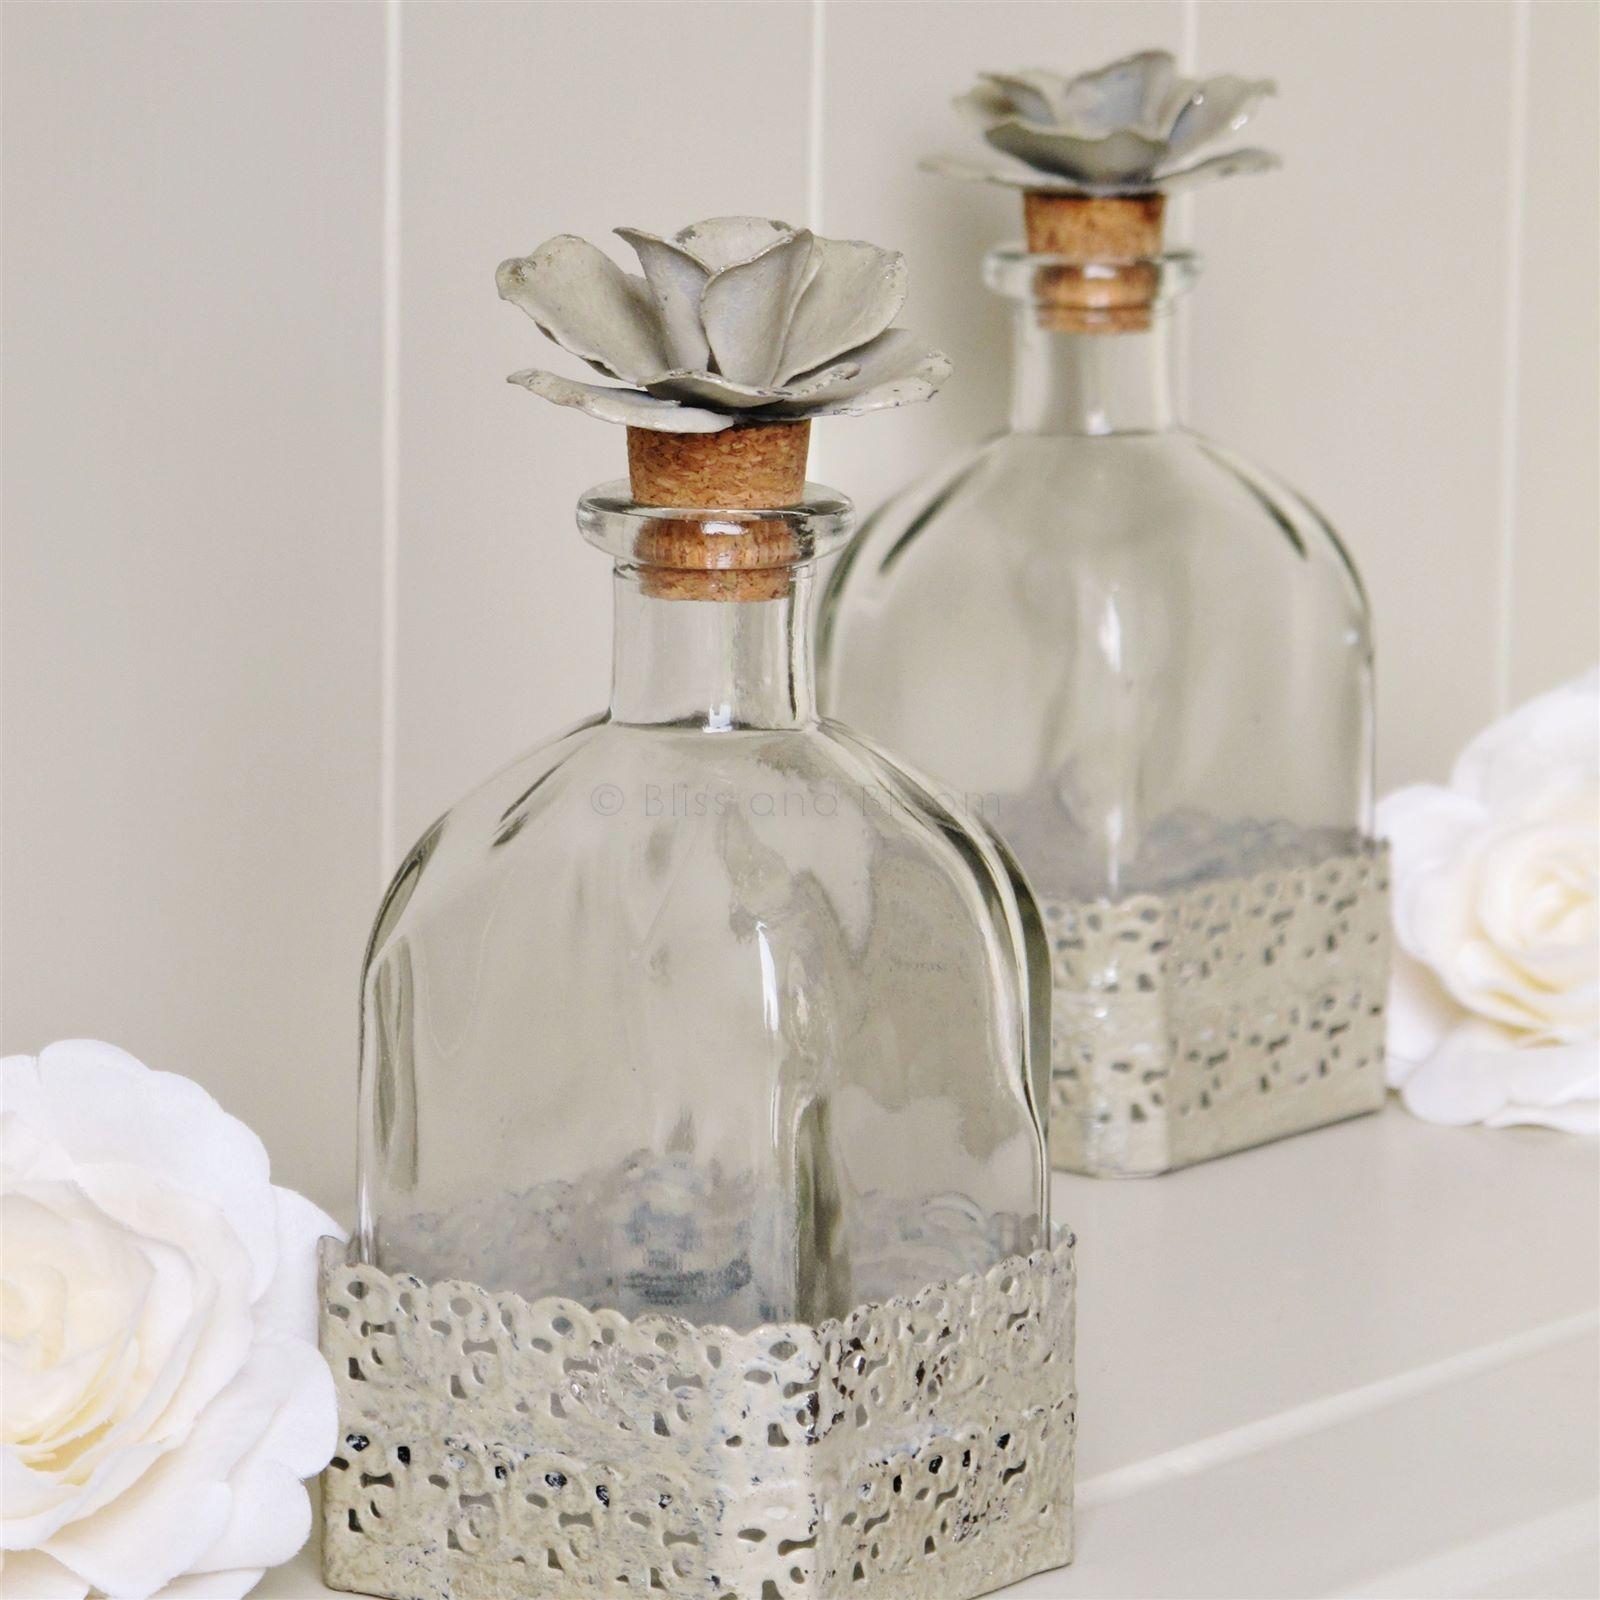 Flower top glass bottle bliss and bloom ltd for Flowers in glass bottles